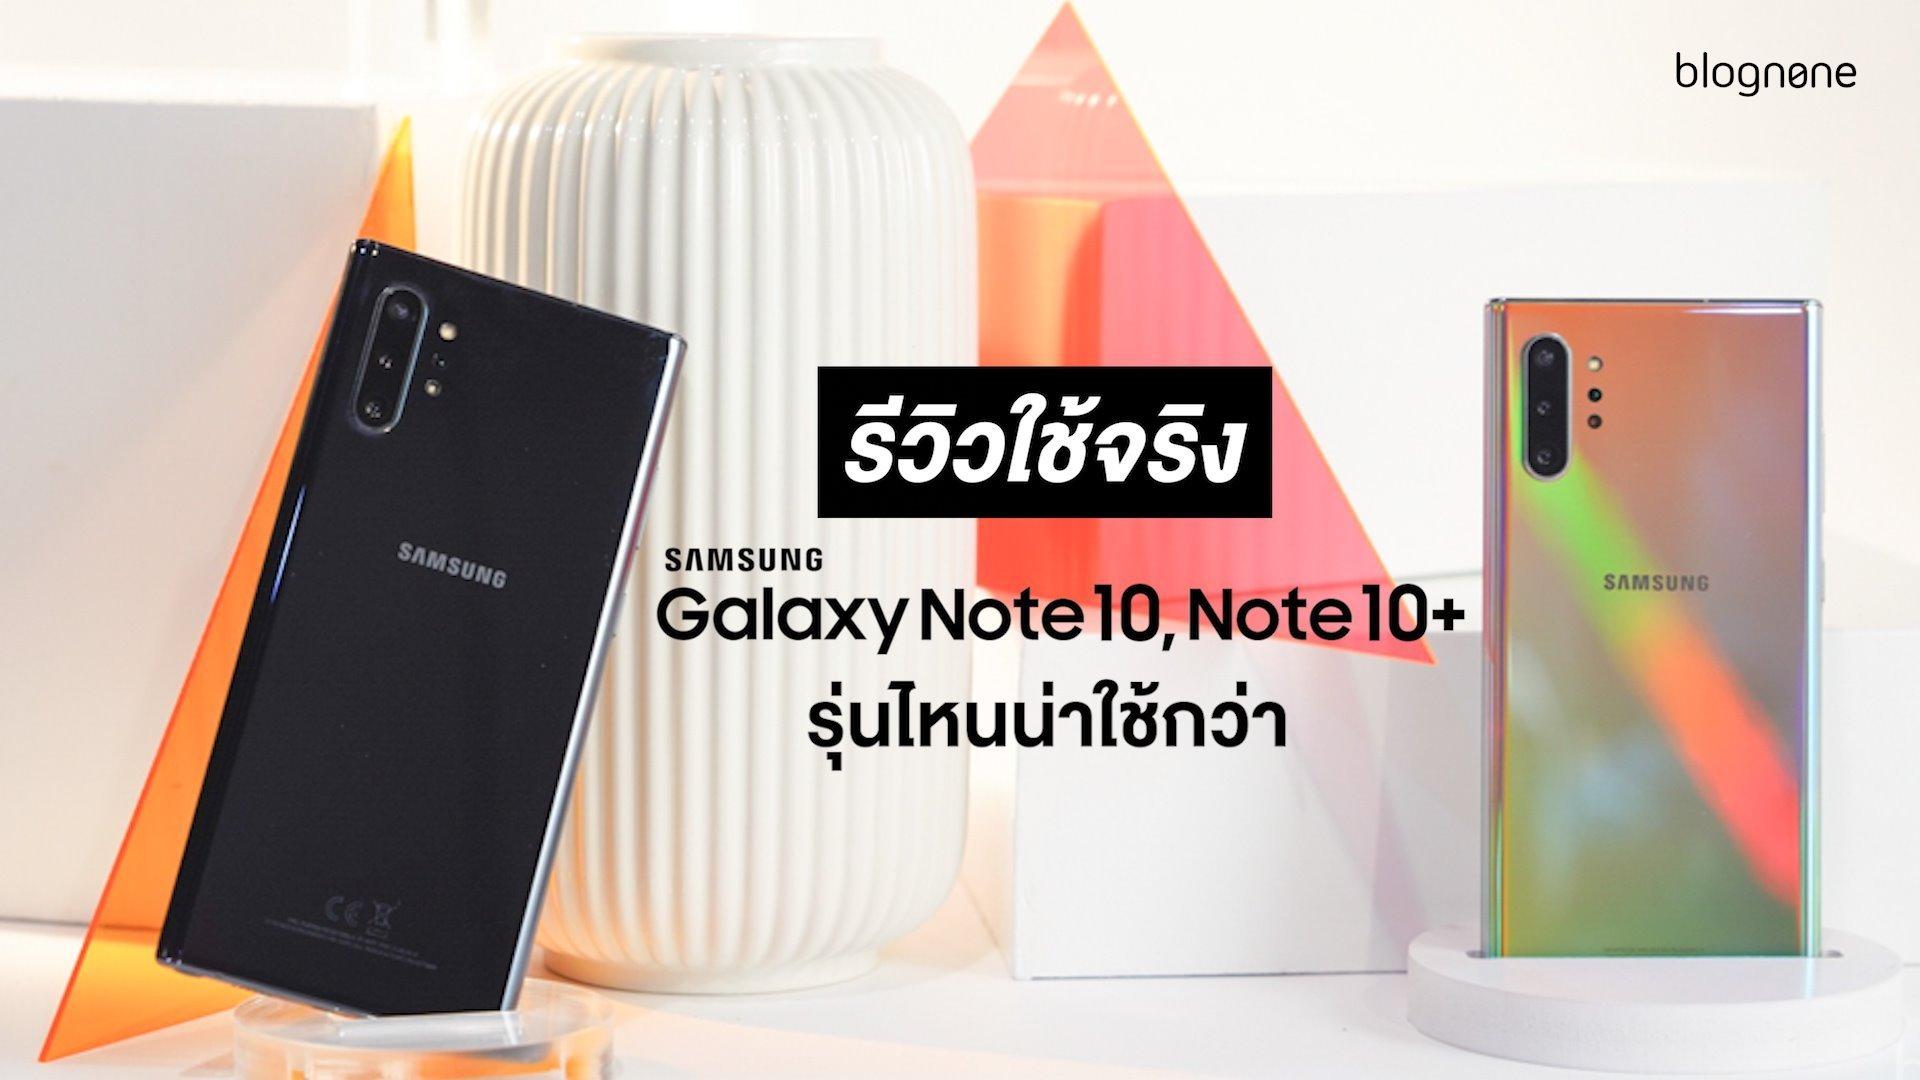 รีวิวใช้จริง Samsung Galaxy Note 10, Note 10+ รุ่นไหนน่าใช้กว่า | Blognone